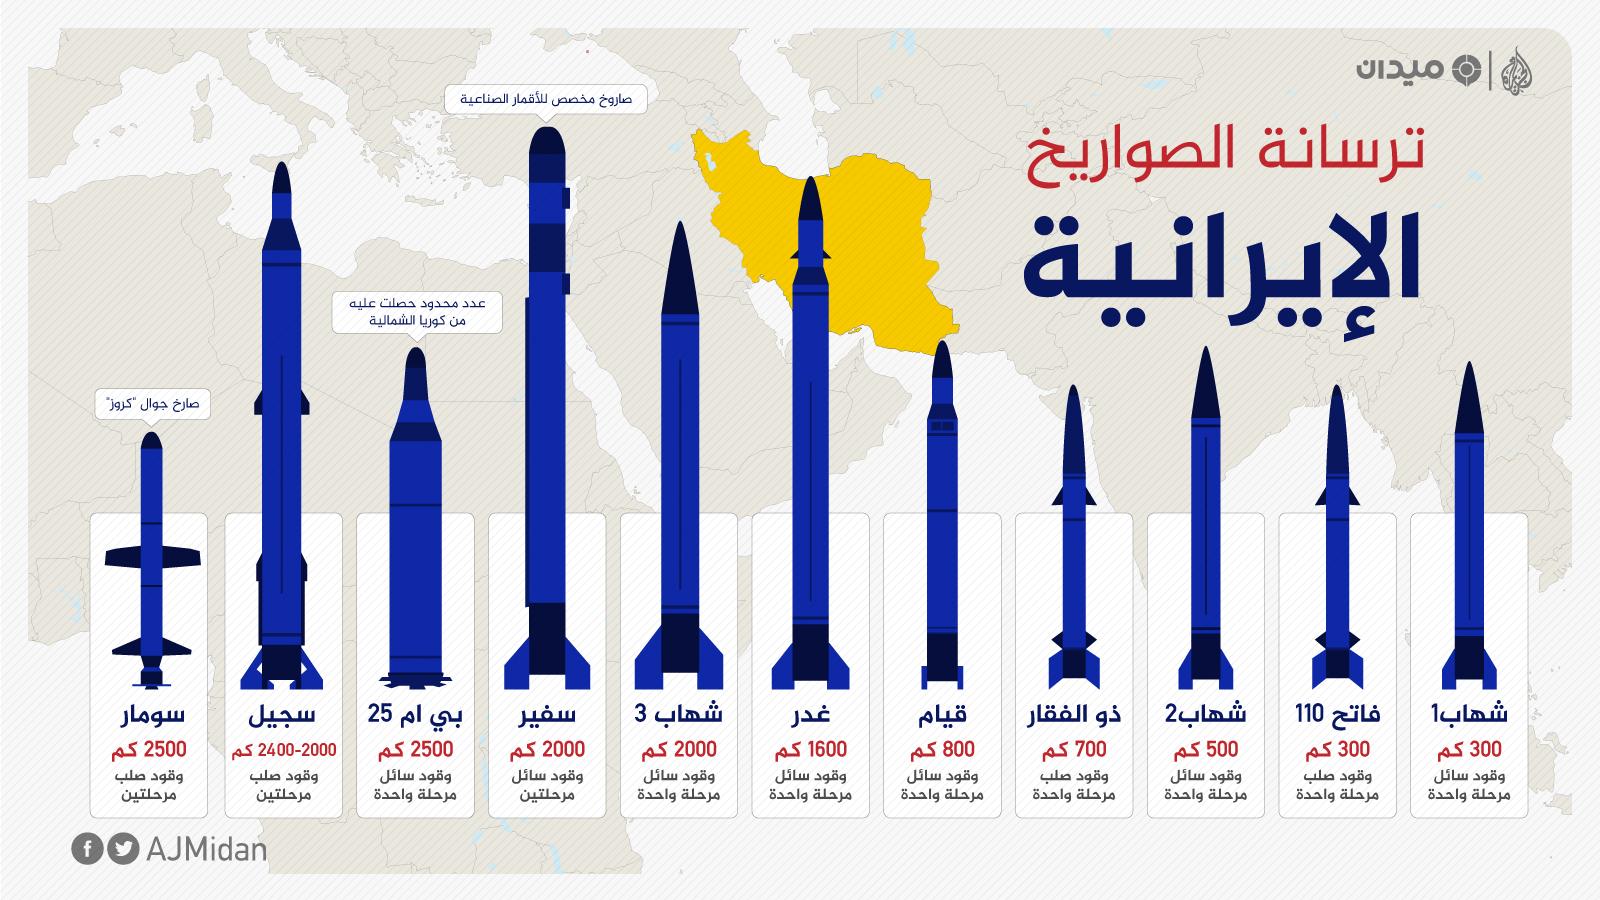 صورة لماذا يخشى العالم صواريخ إيران؟